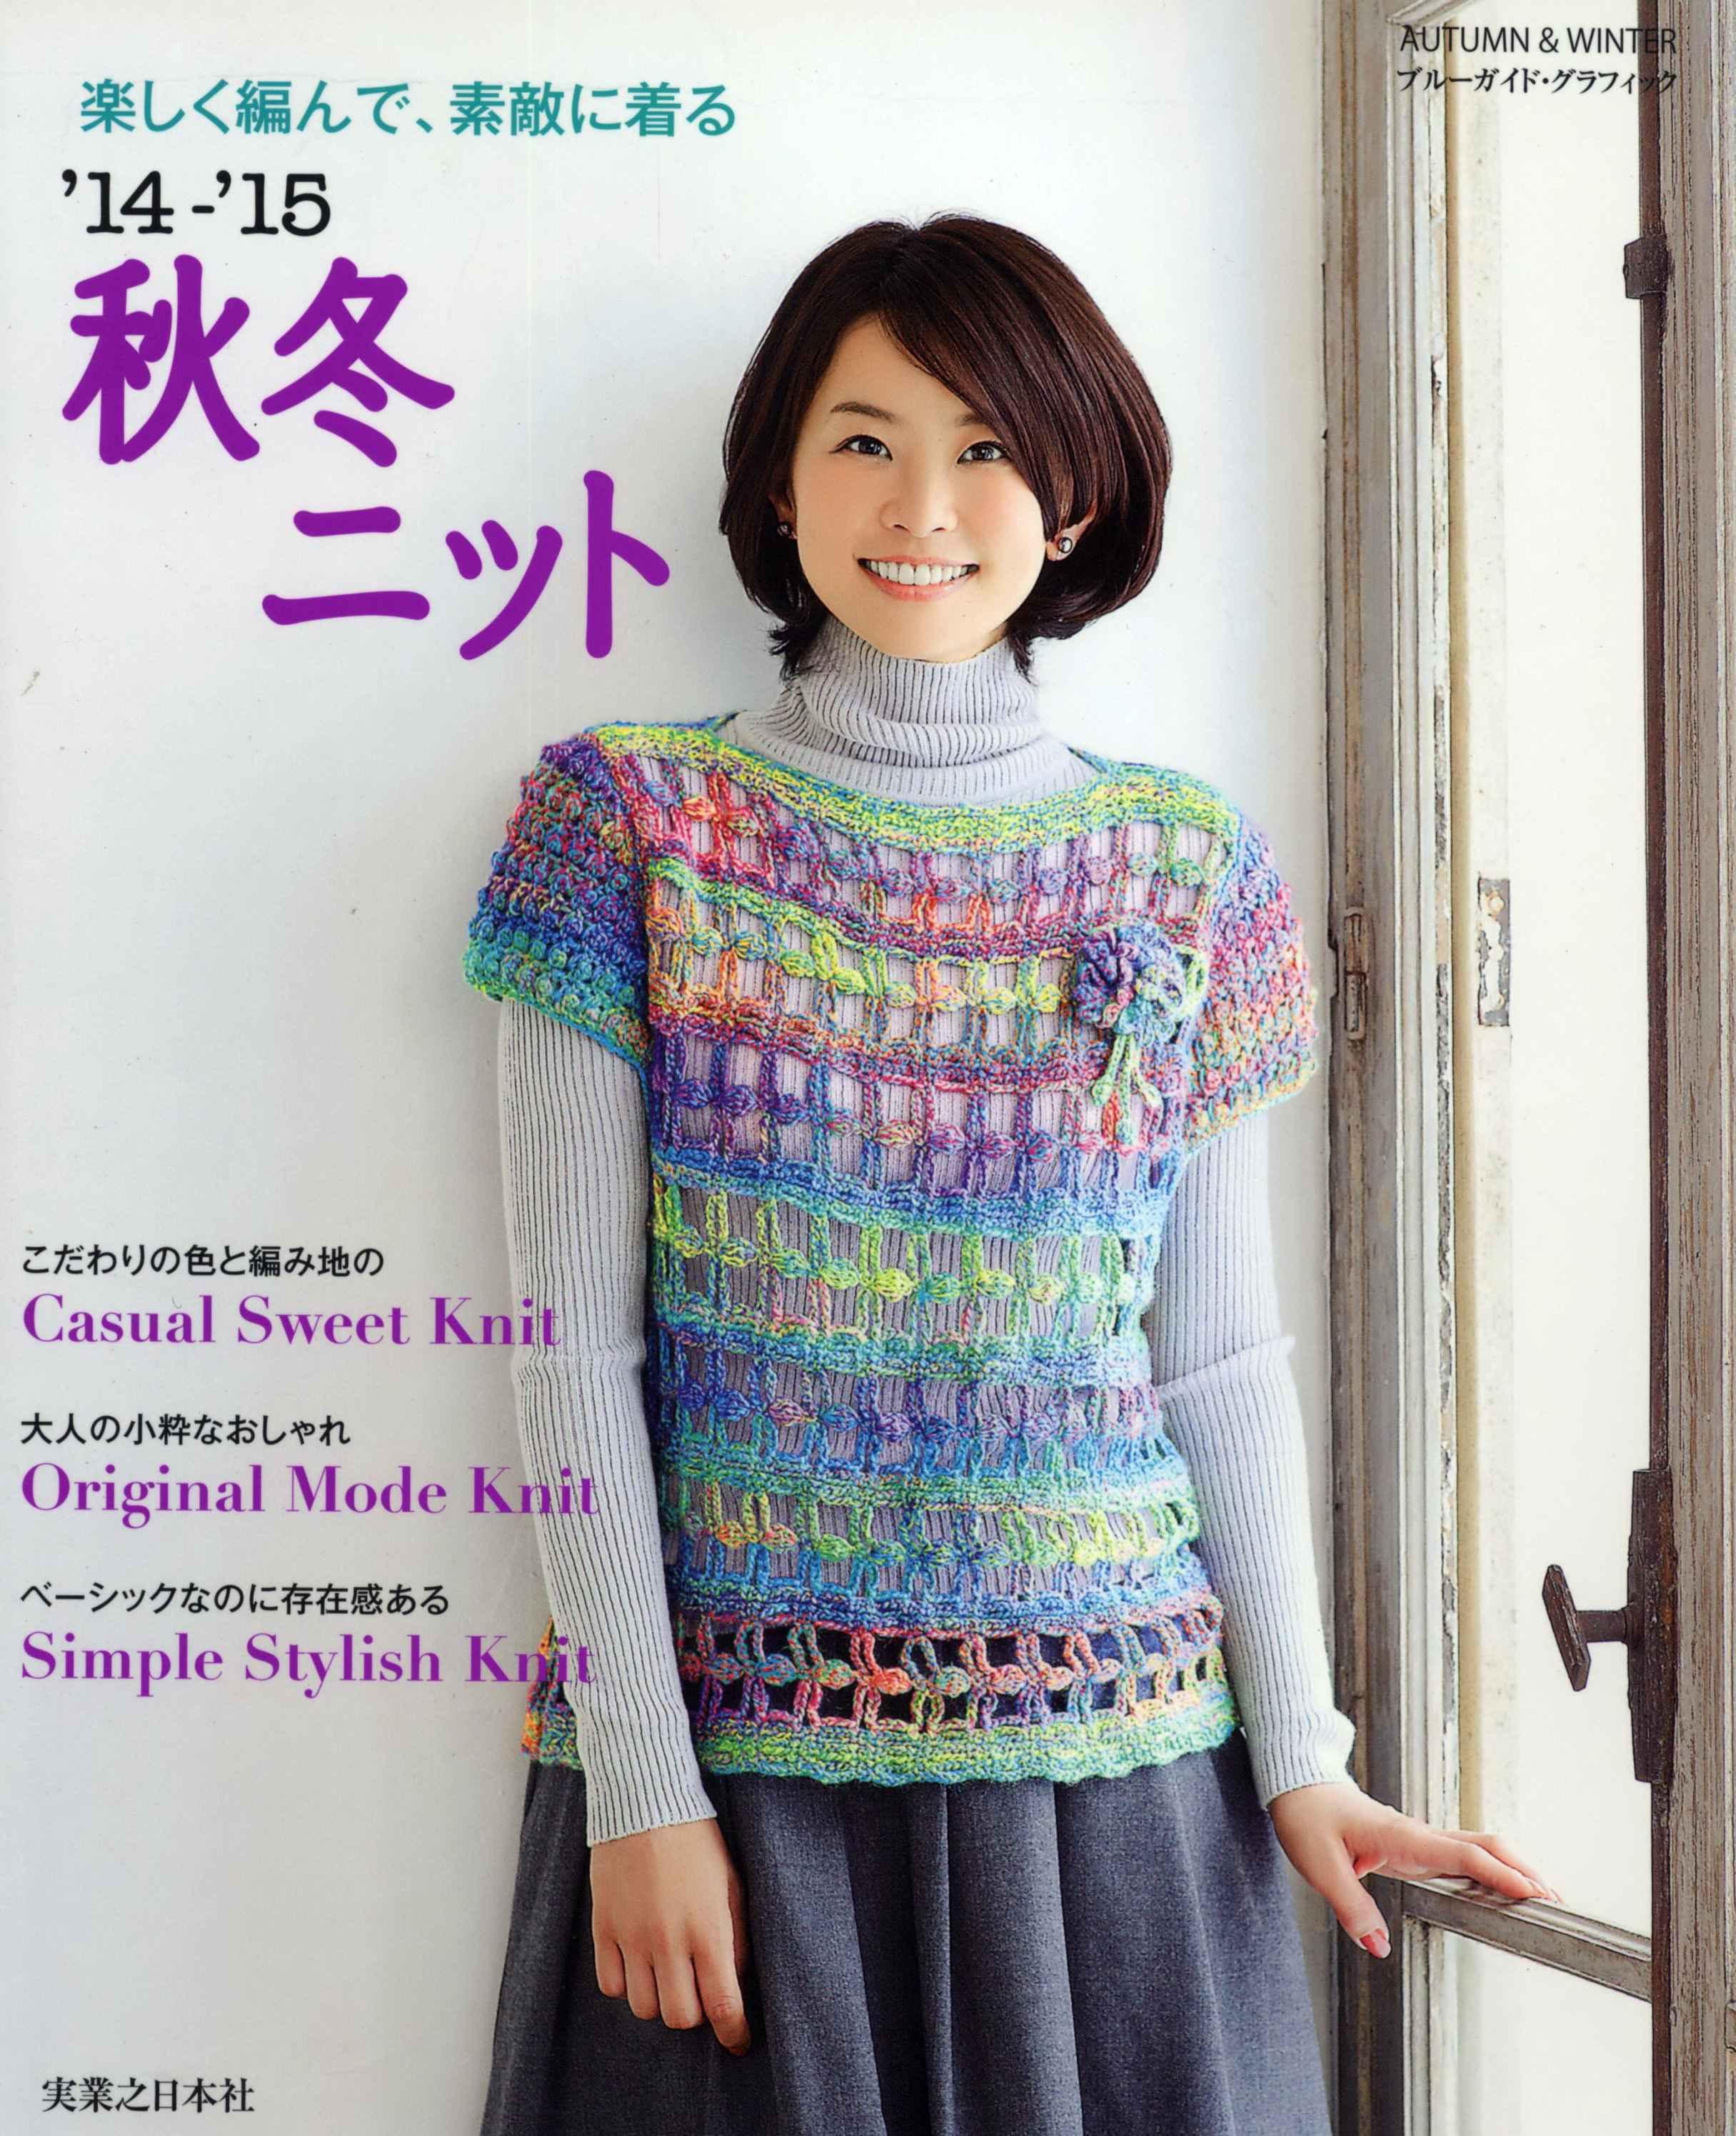 вязание японские журналы смотреть